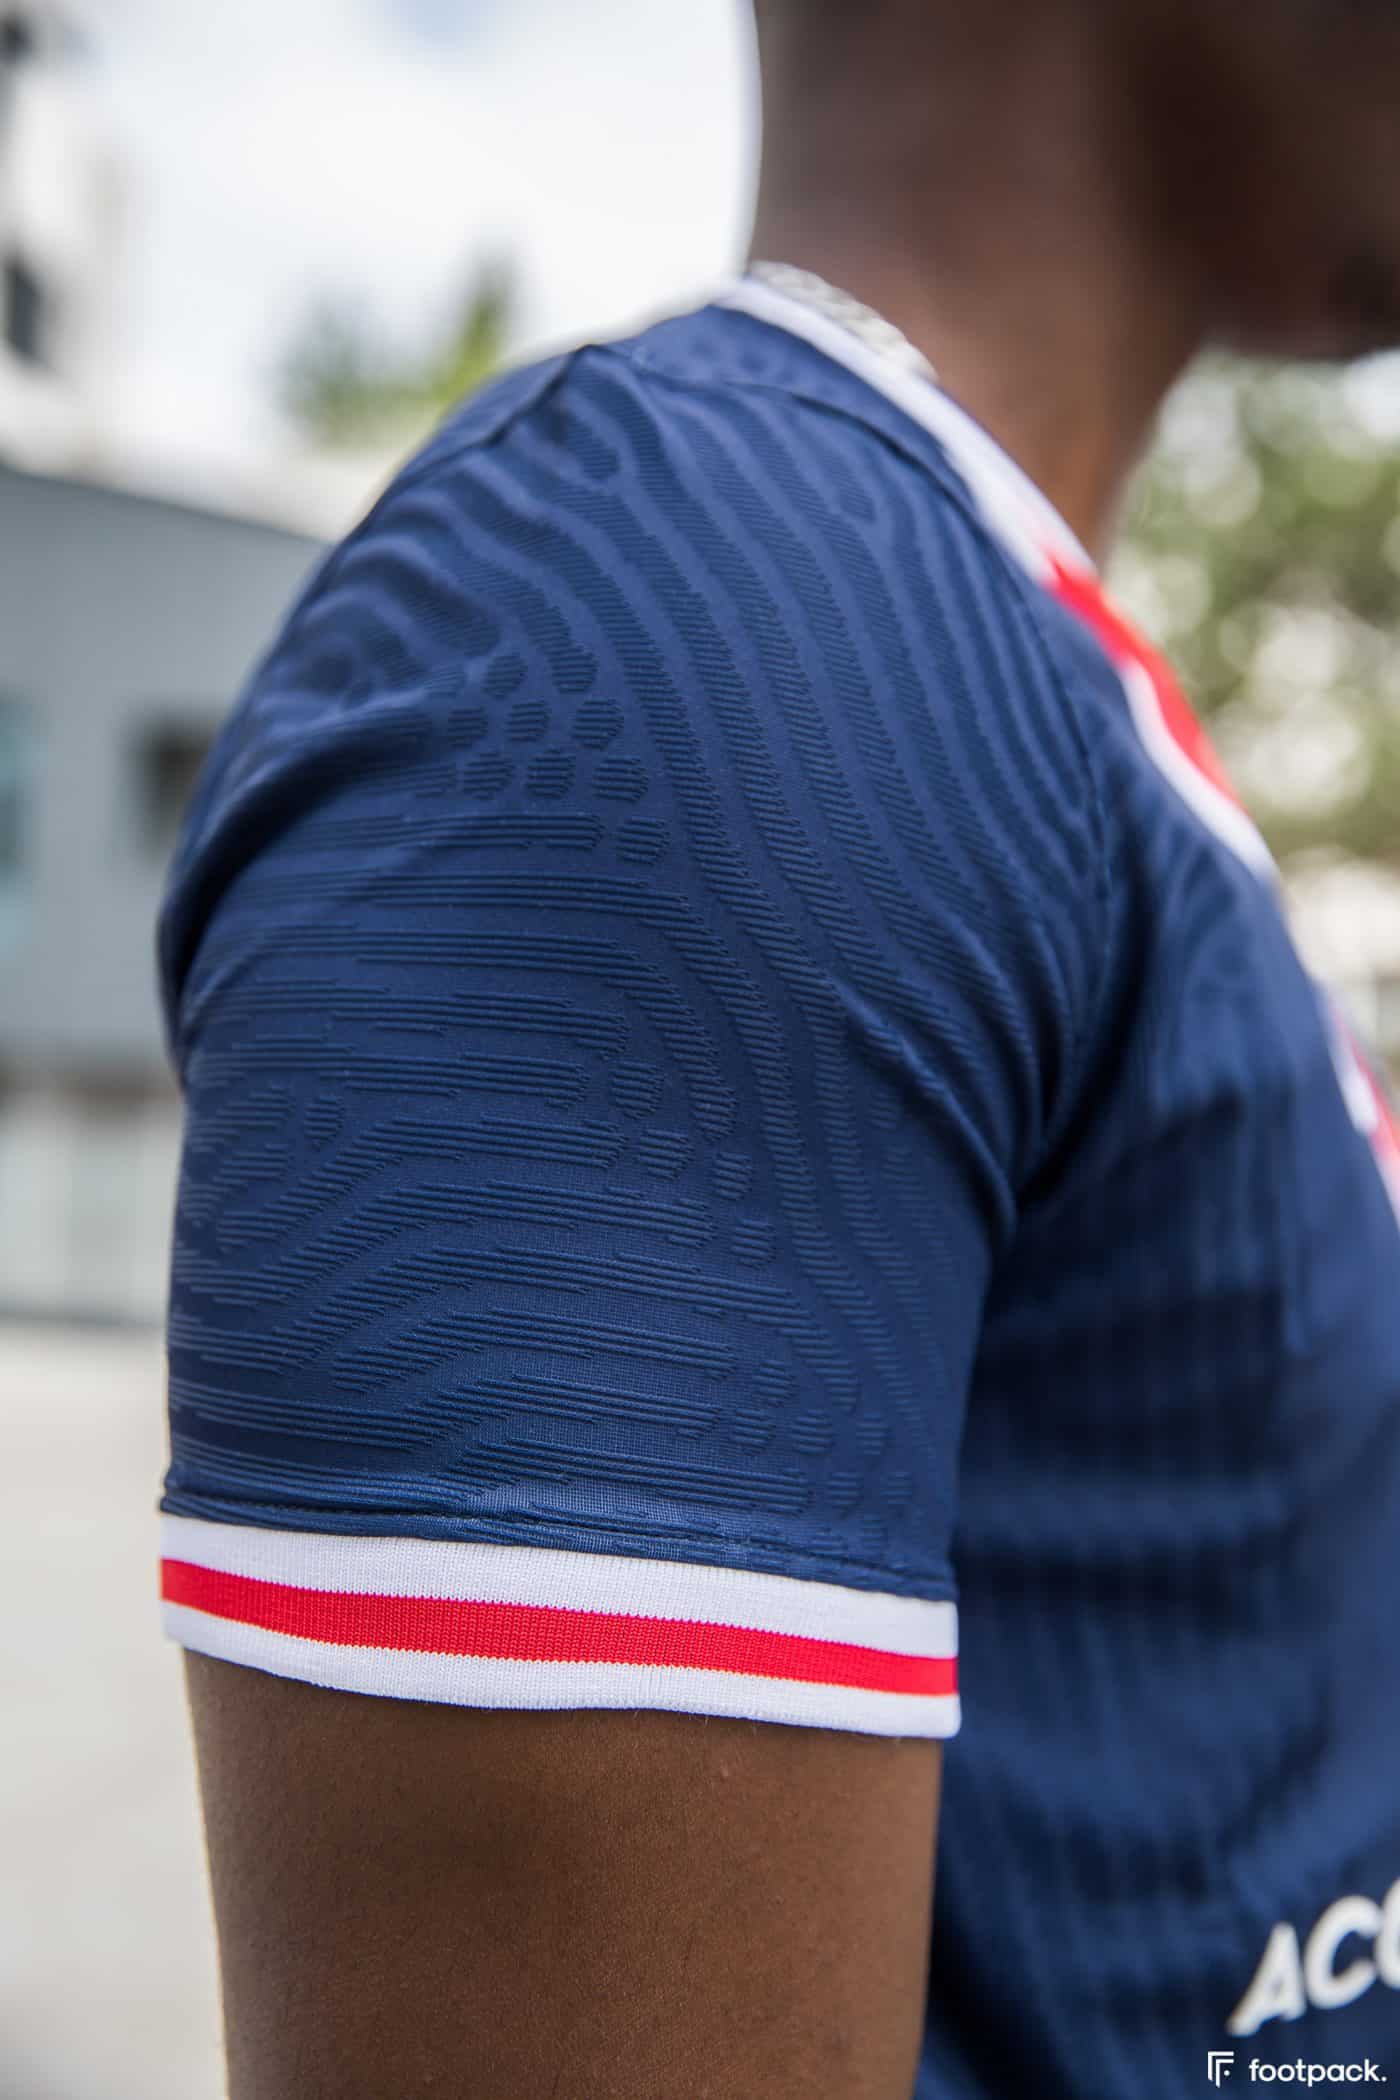 maillot-domicile-psg-2020-2021-nike-footpack-9